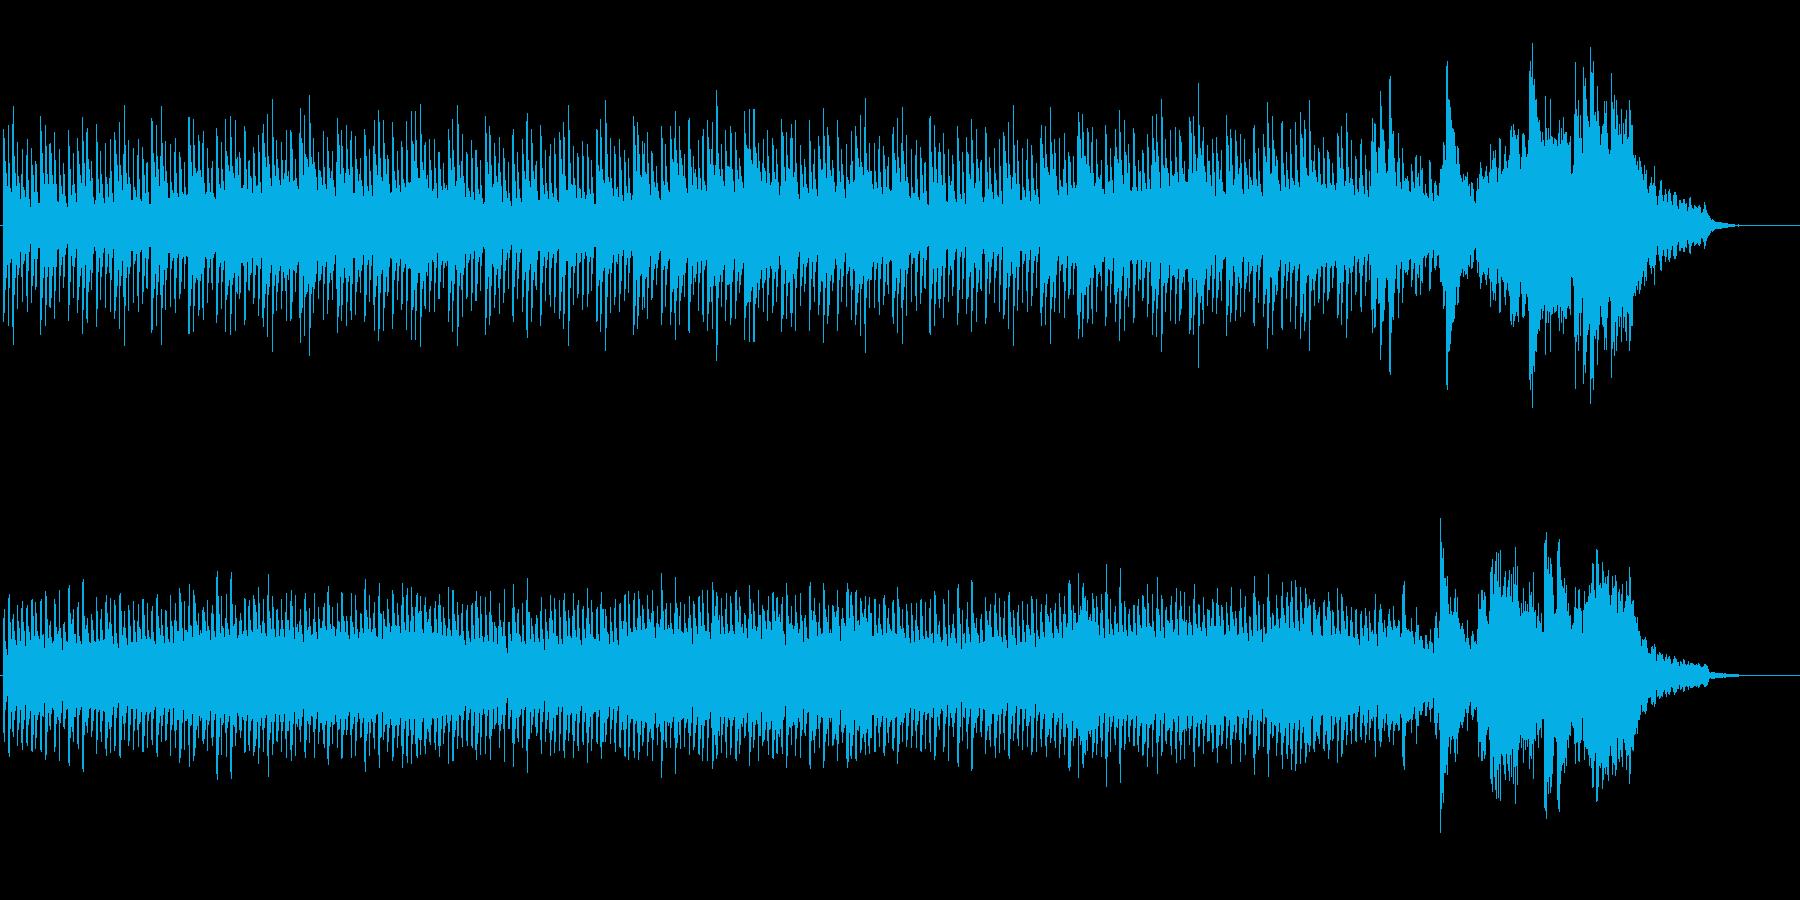 ホラー、気持ち悪いピアノ曲の再生済みの波形